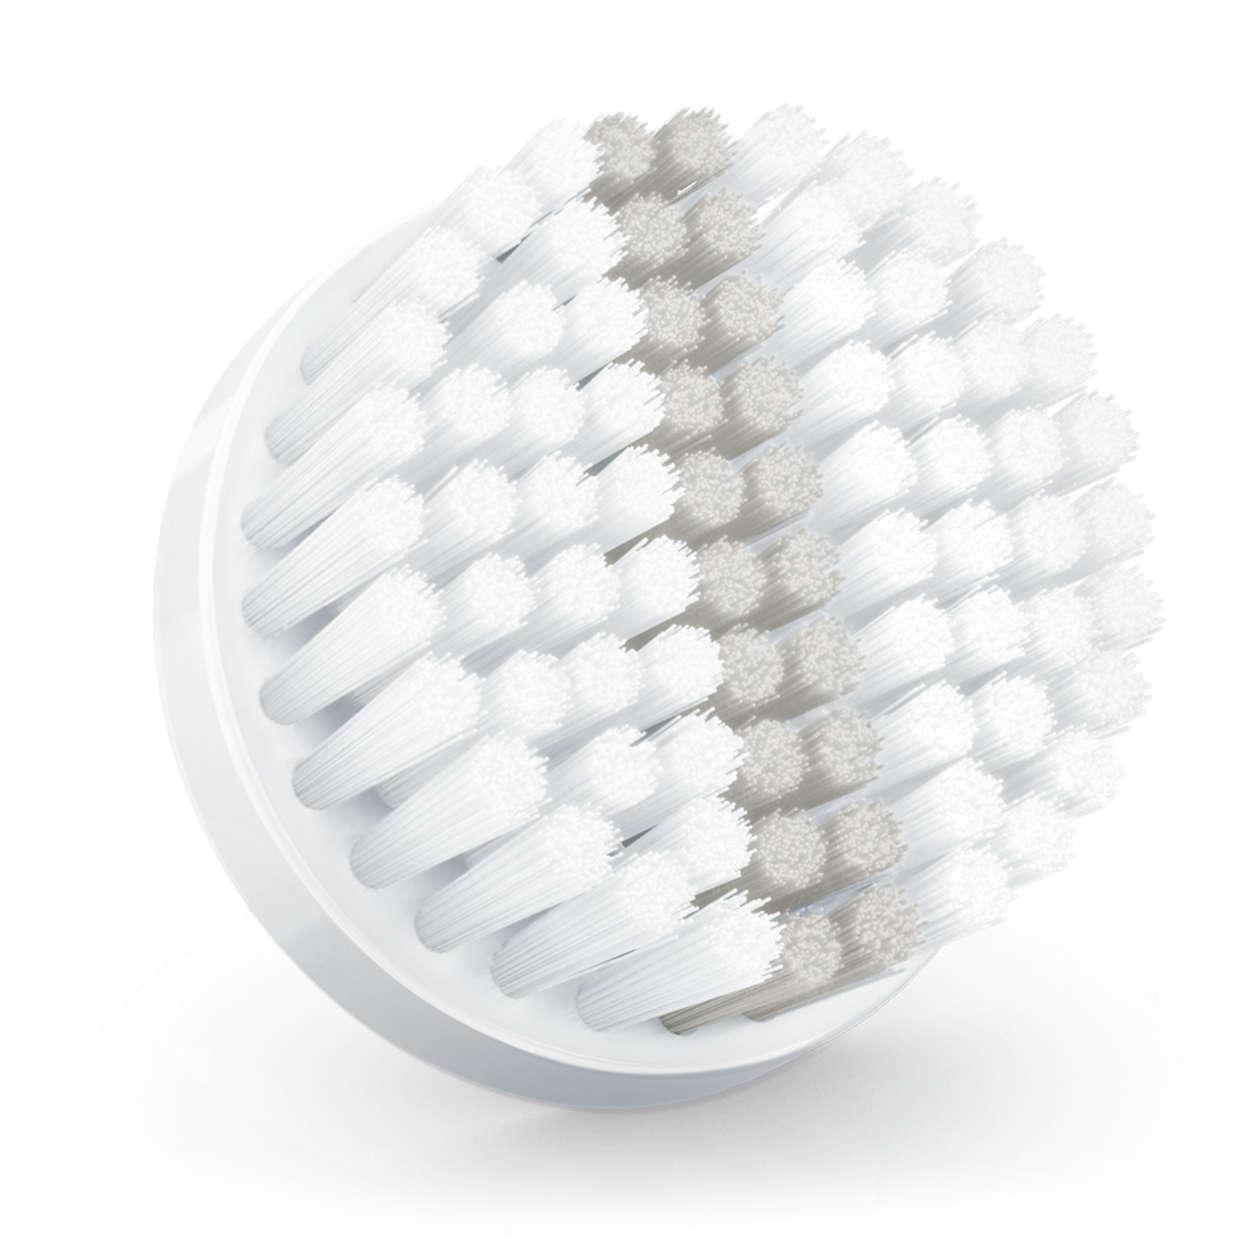 Cabeça de escova de substituição com efeito esfoliante